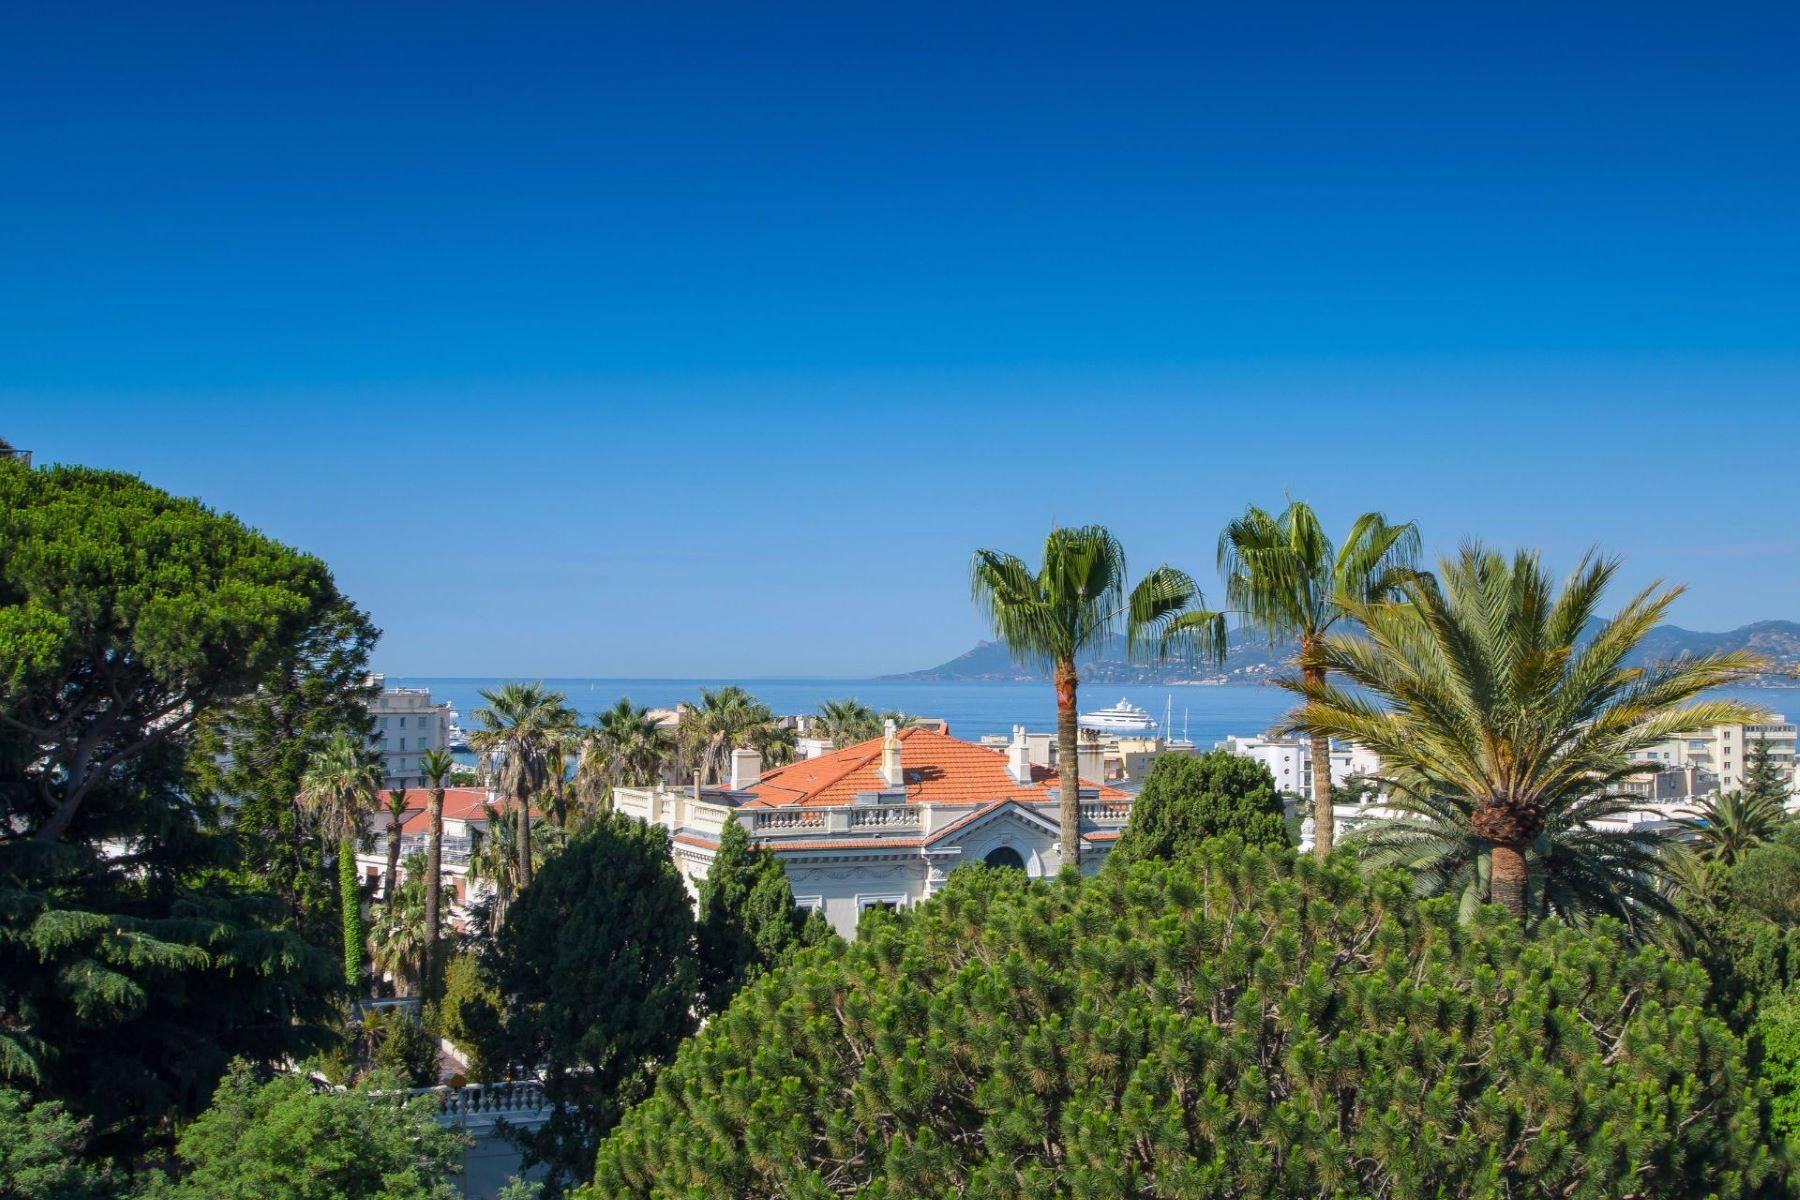 Квартира для того Продажа на Top floor apartment with sea view Cannes, Прованс-Альпы-Лазурный Берег, 06400 Франция